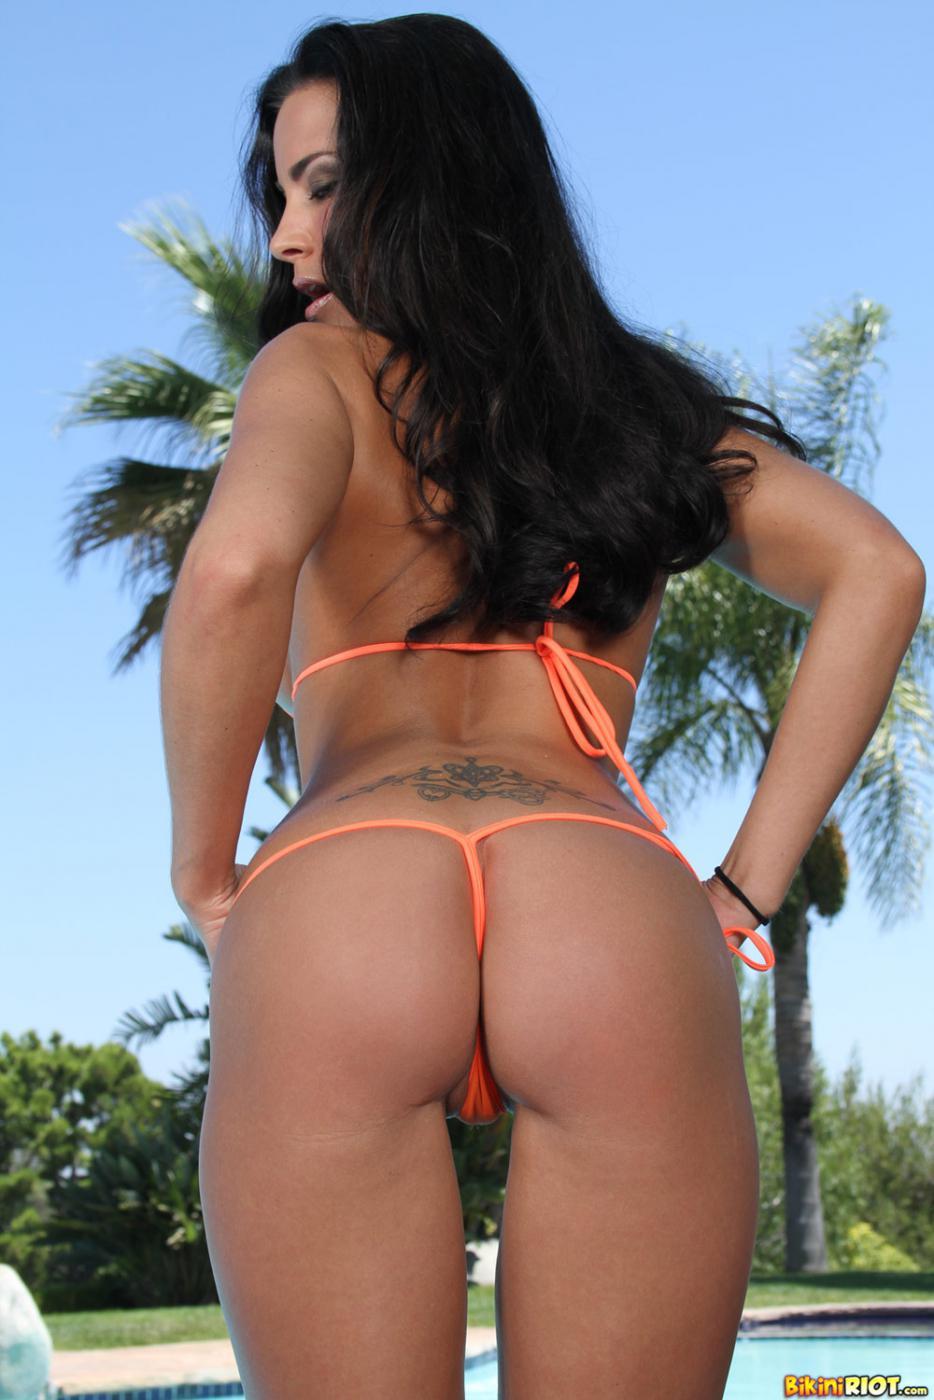 Пышногрудая Laura Lee в бикини очень тебе понравится